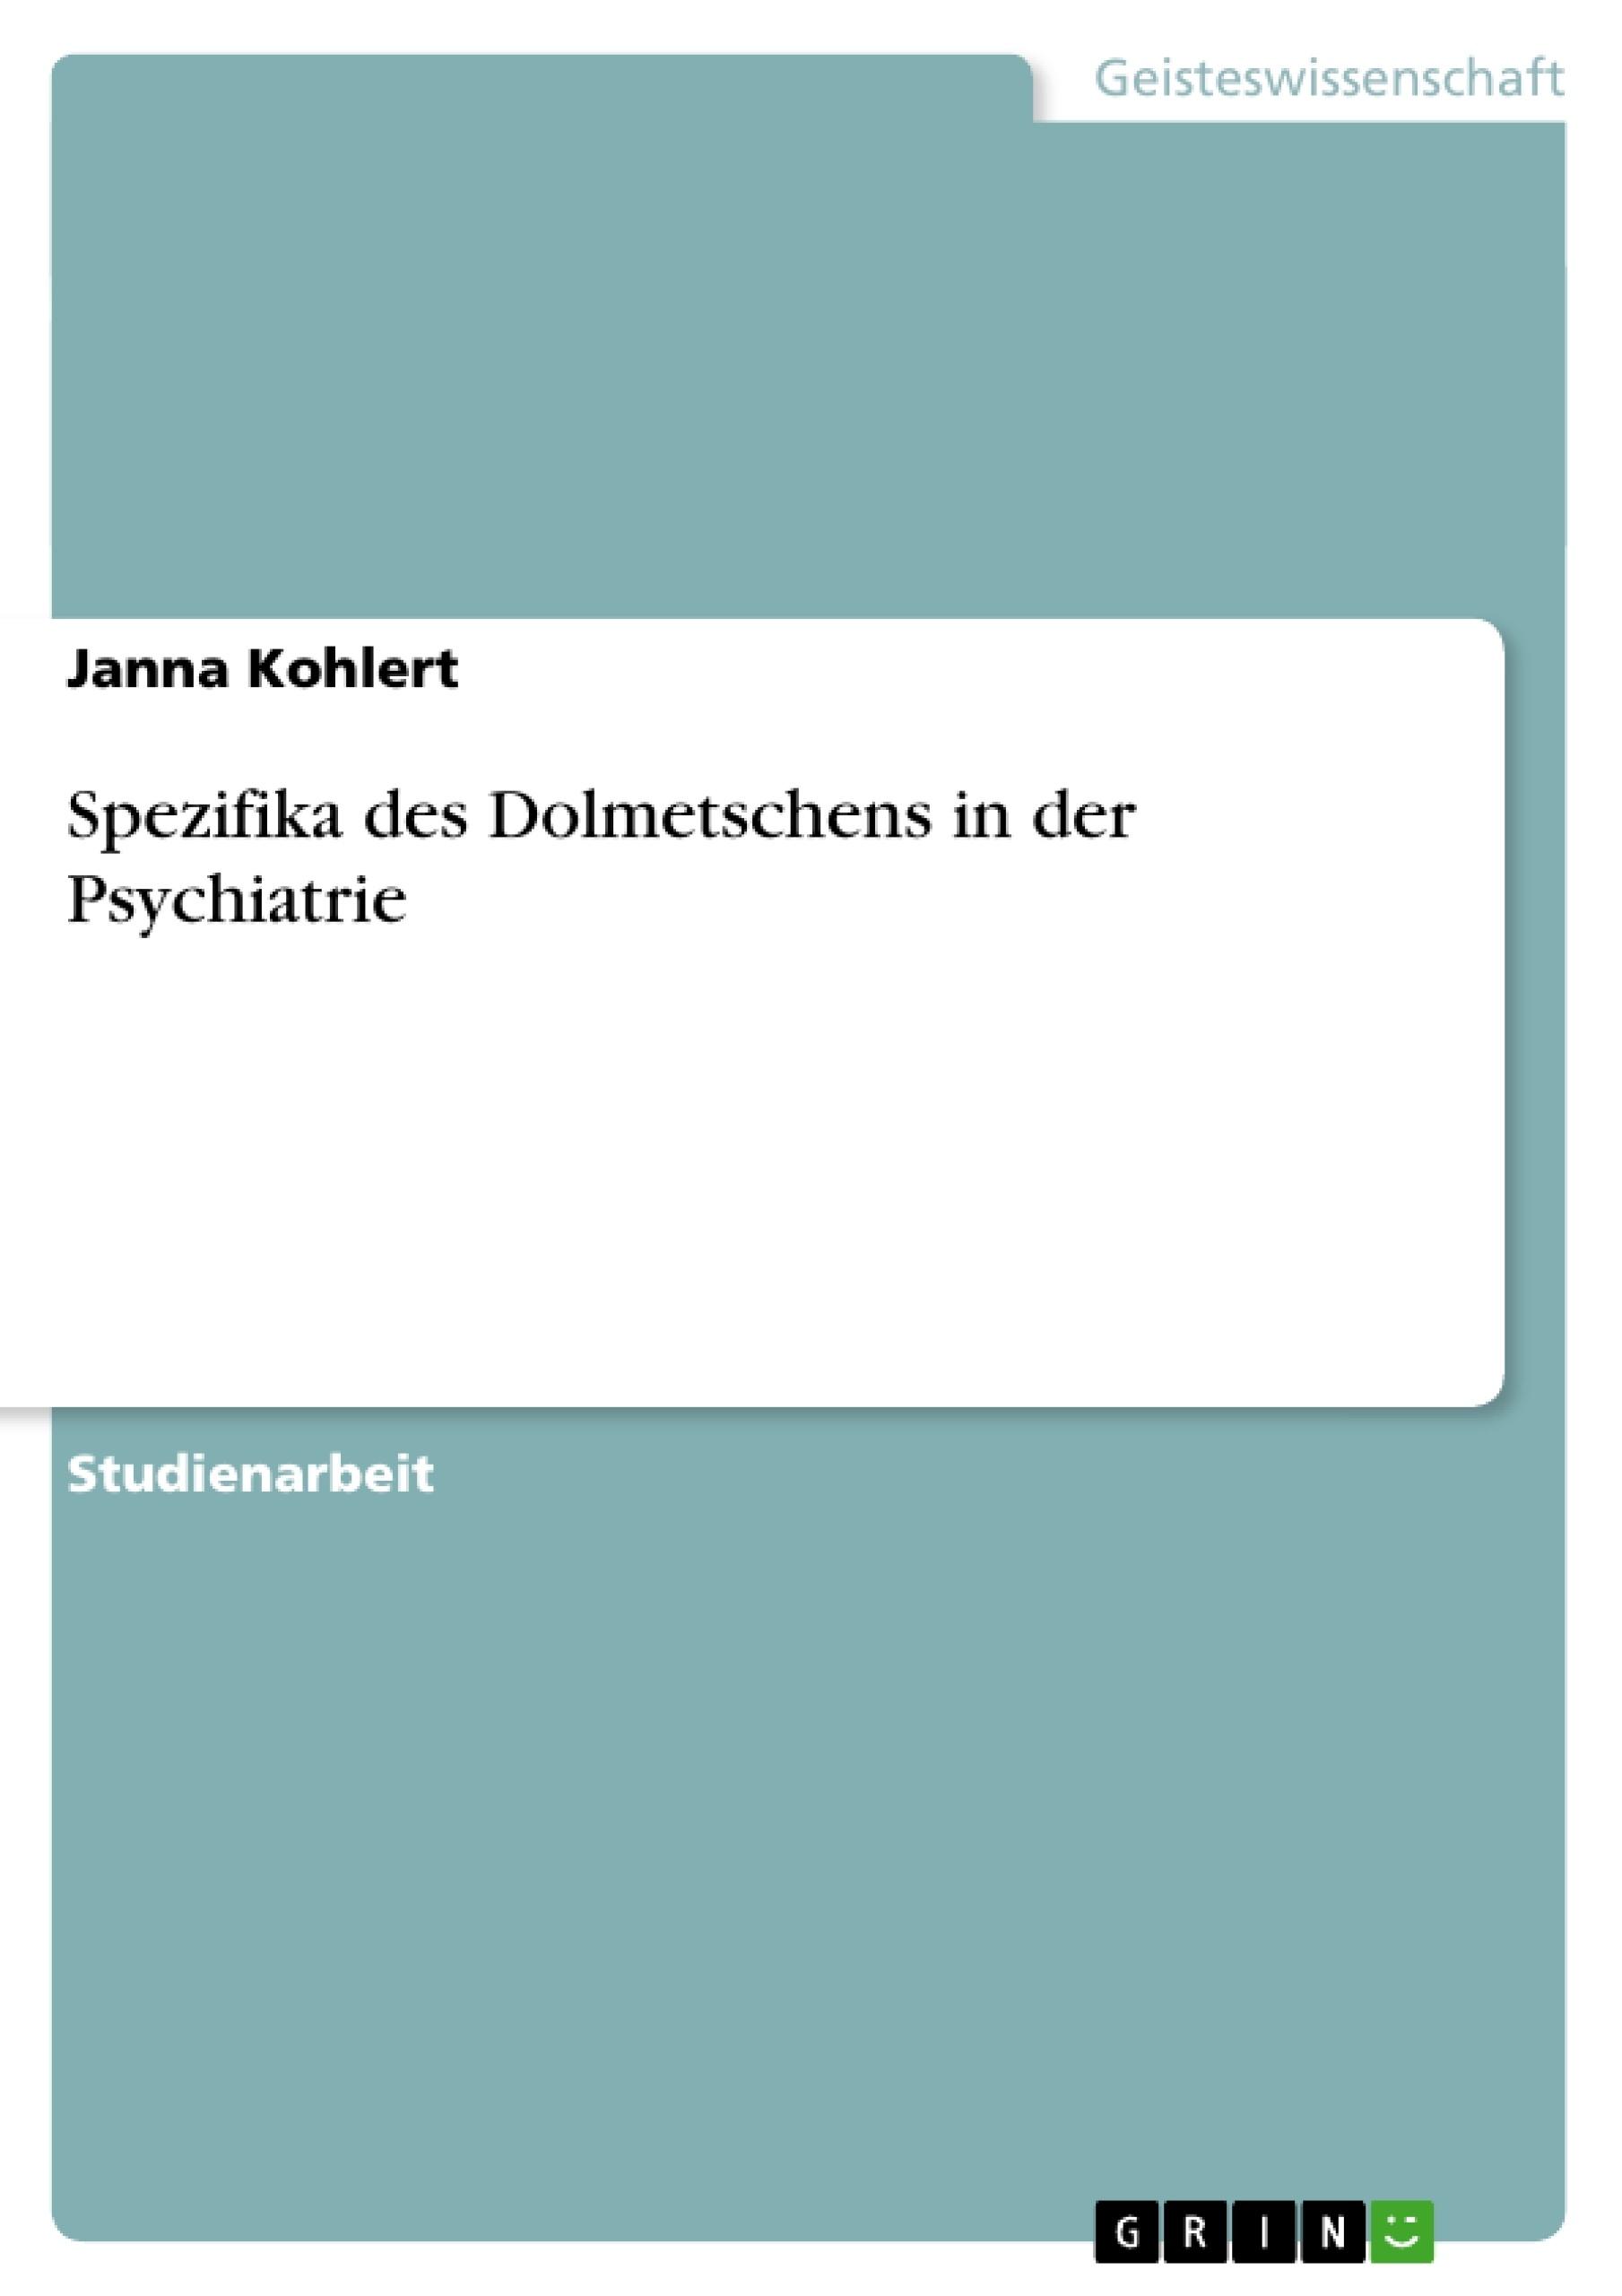 Titel: Spezifika des Dolmetschens in der Psychiatrie